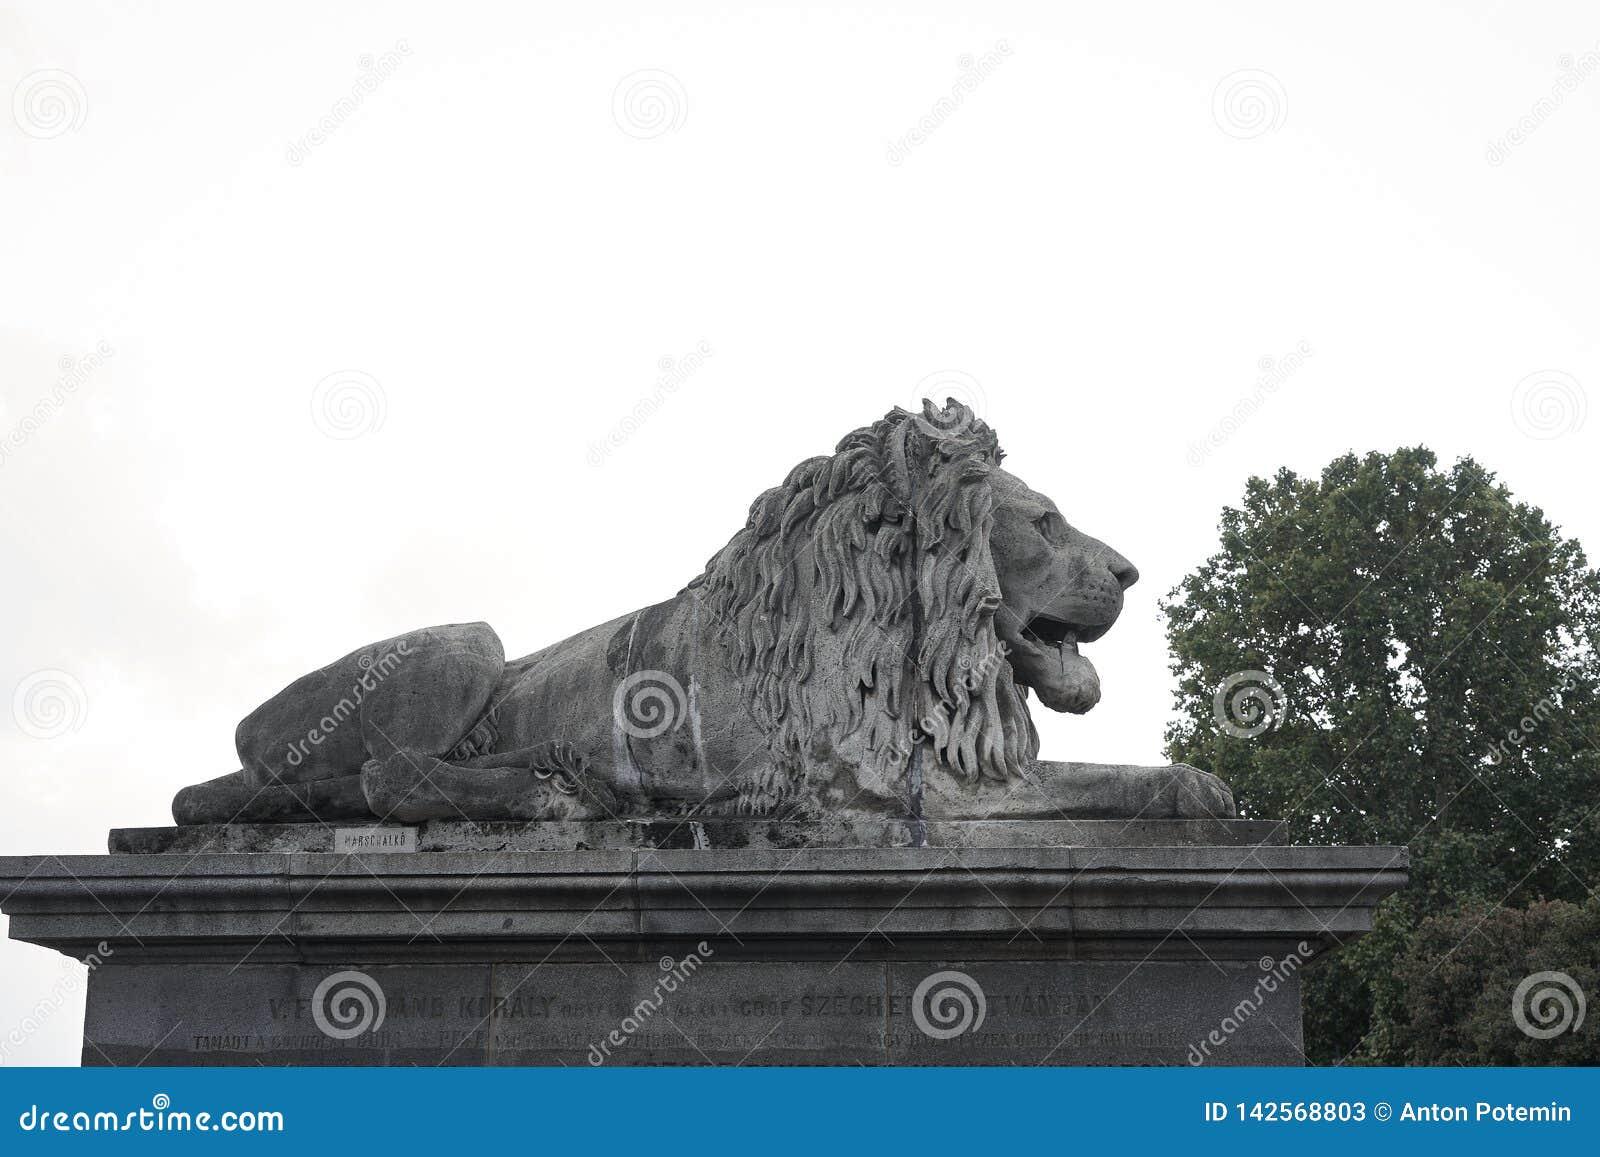 Lion sculpture on the set